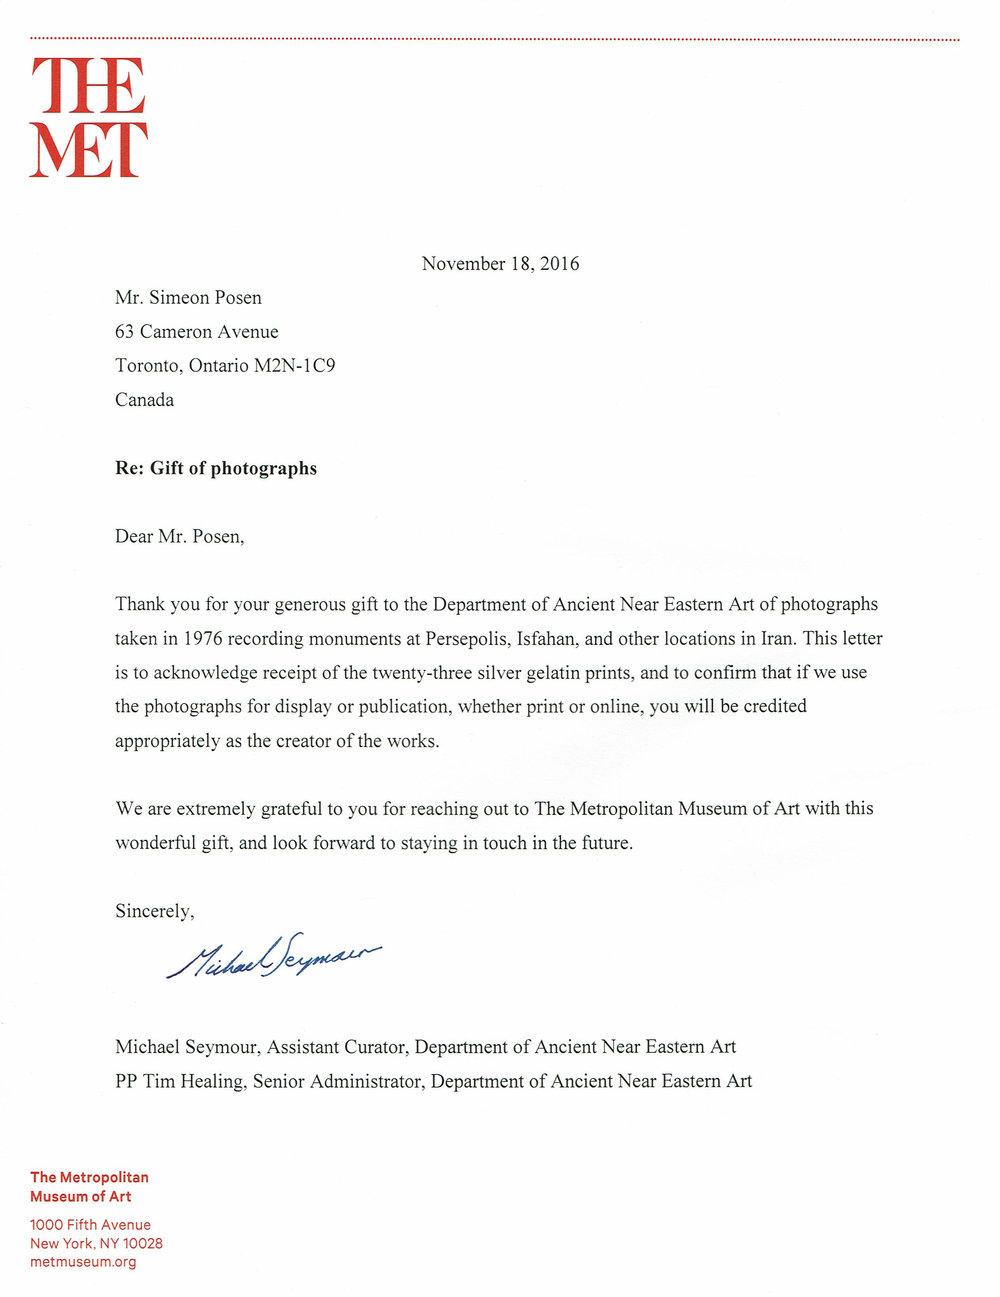 MET Letter20170401 (2).jpg